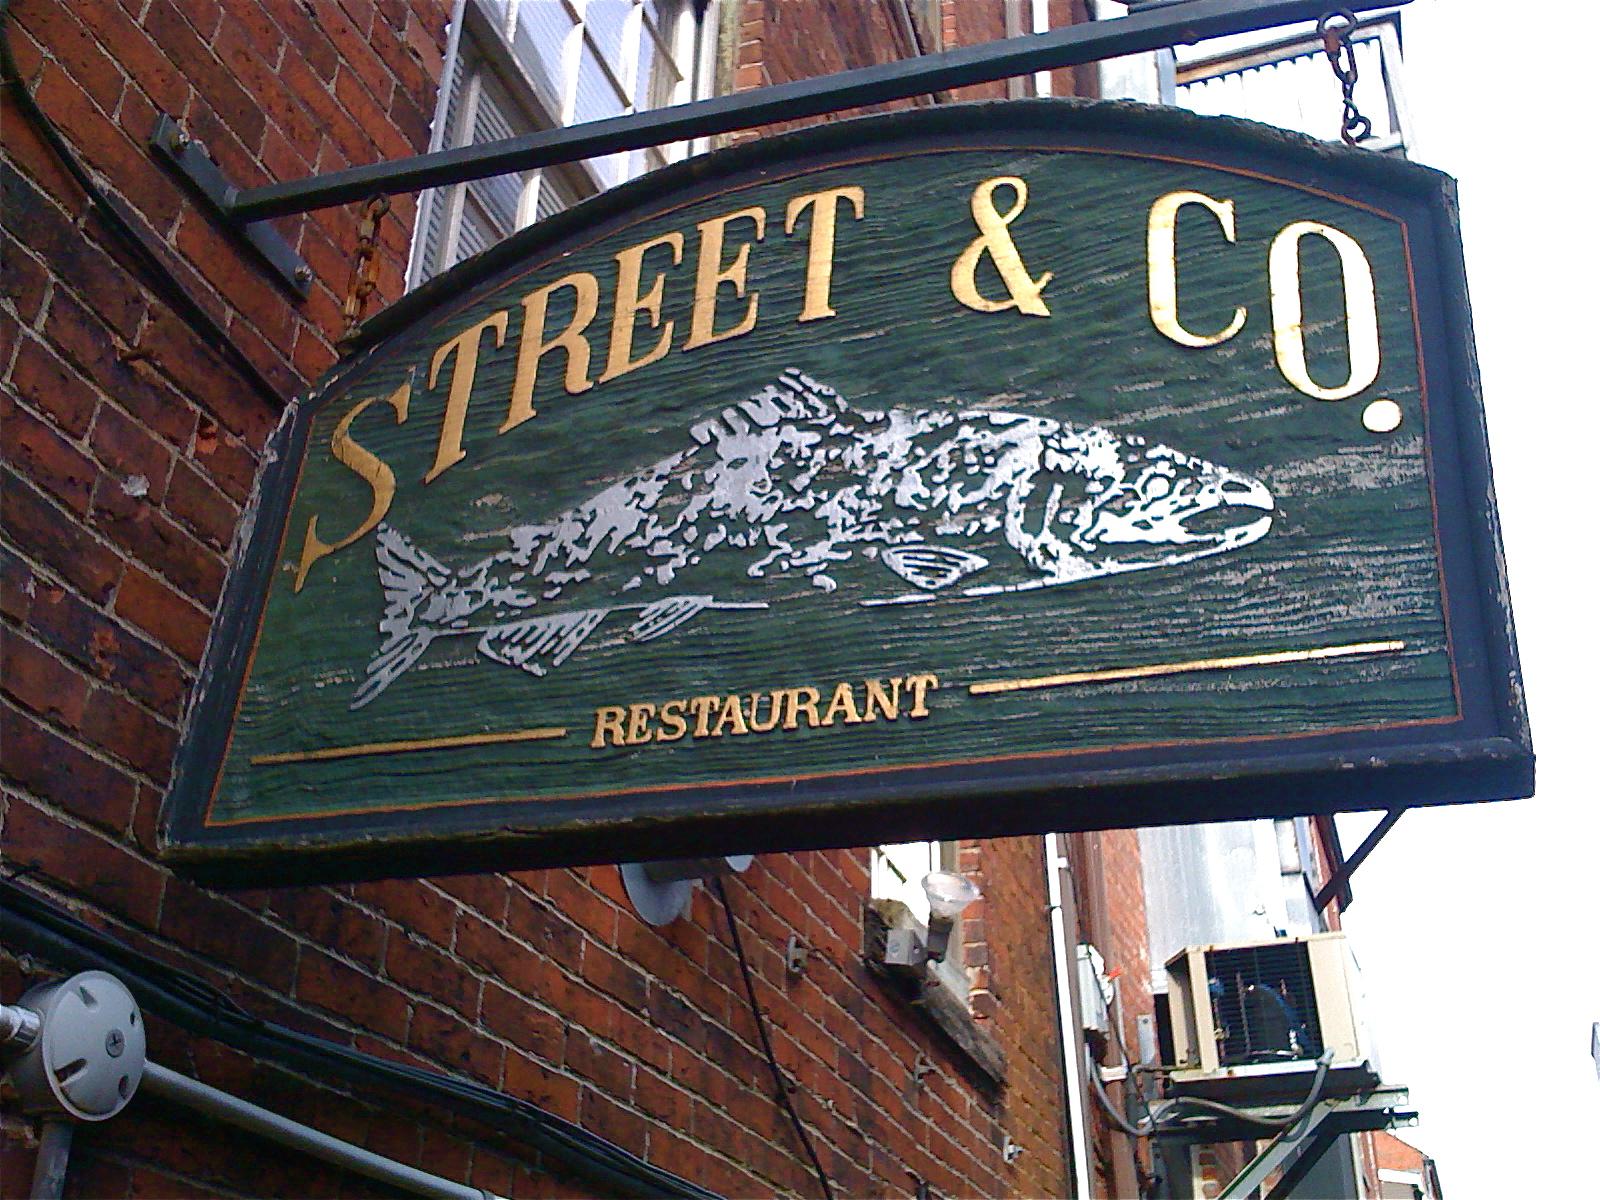 Street & Co. Portland Maine